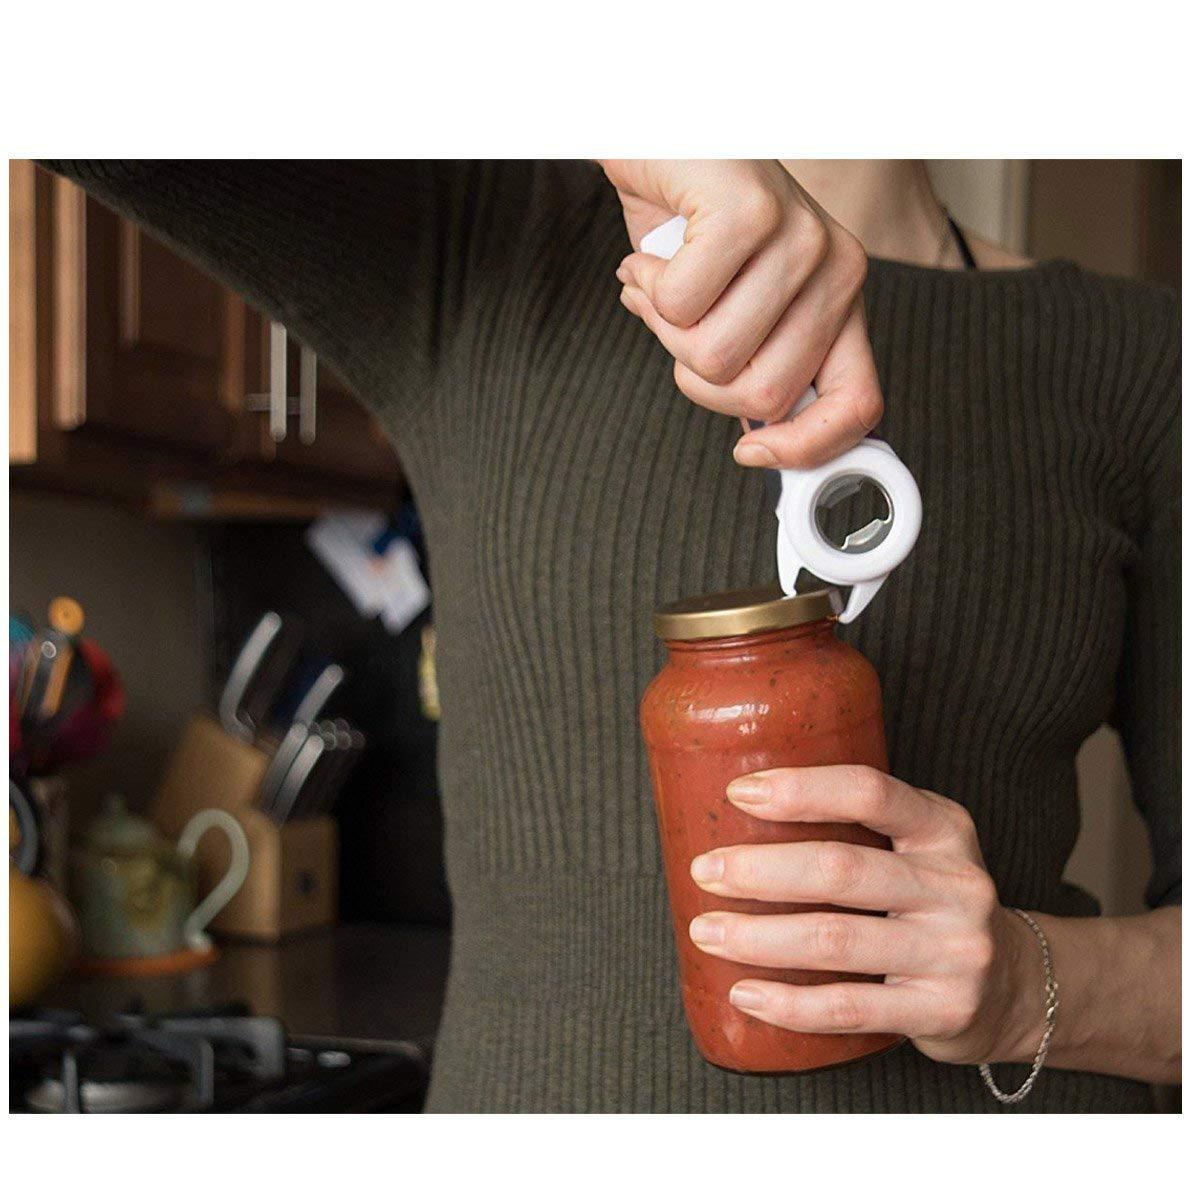 les languettes et les bouteilles MAIYADUO Ouvre-bocal en acier inoxydable et d/écapsuleur pour enlever les couvercles tenaces